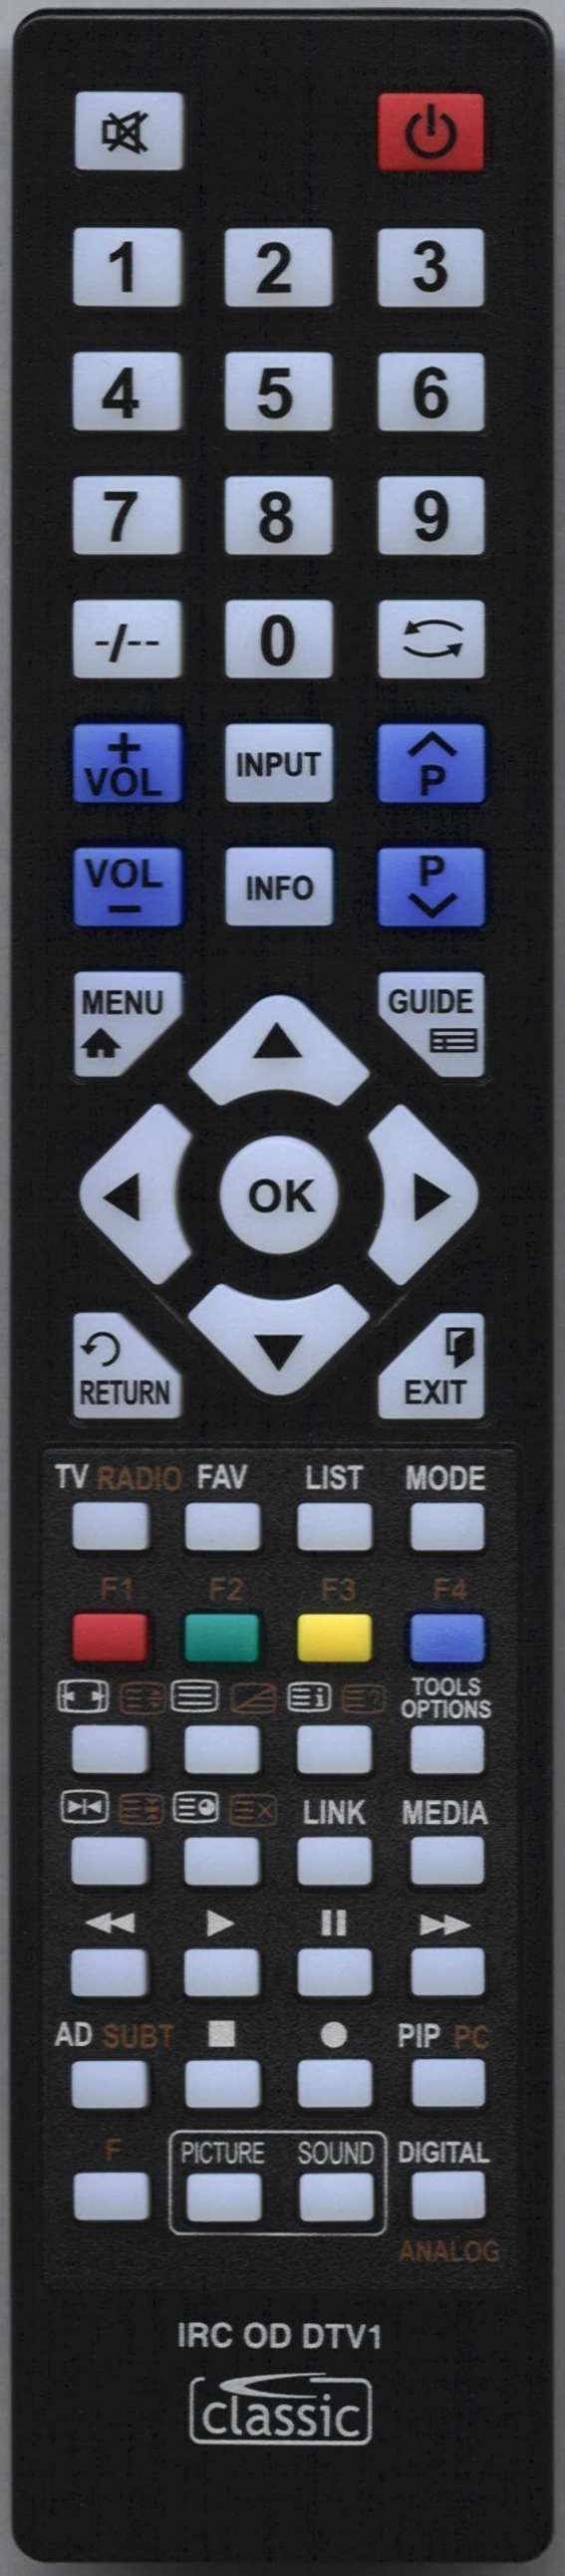 BAIRD CN55BAIR Remote Control